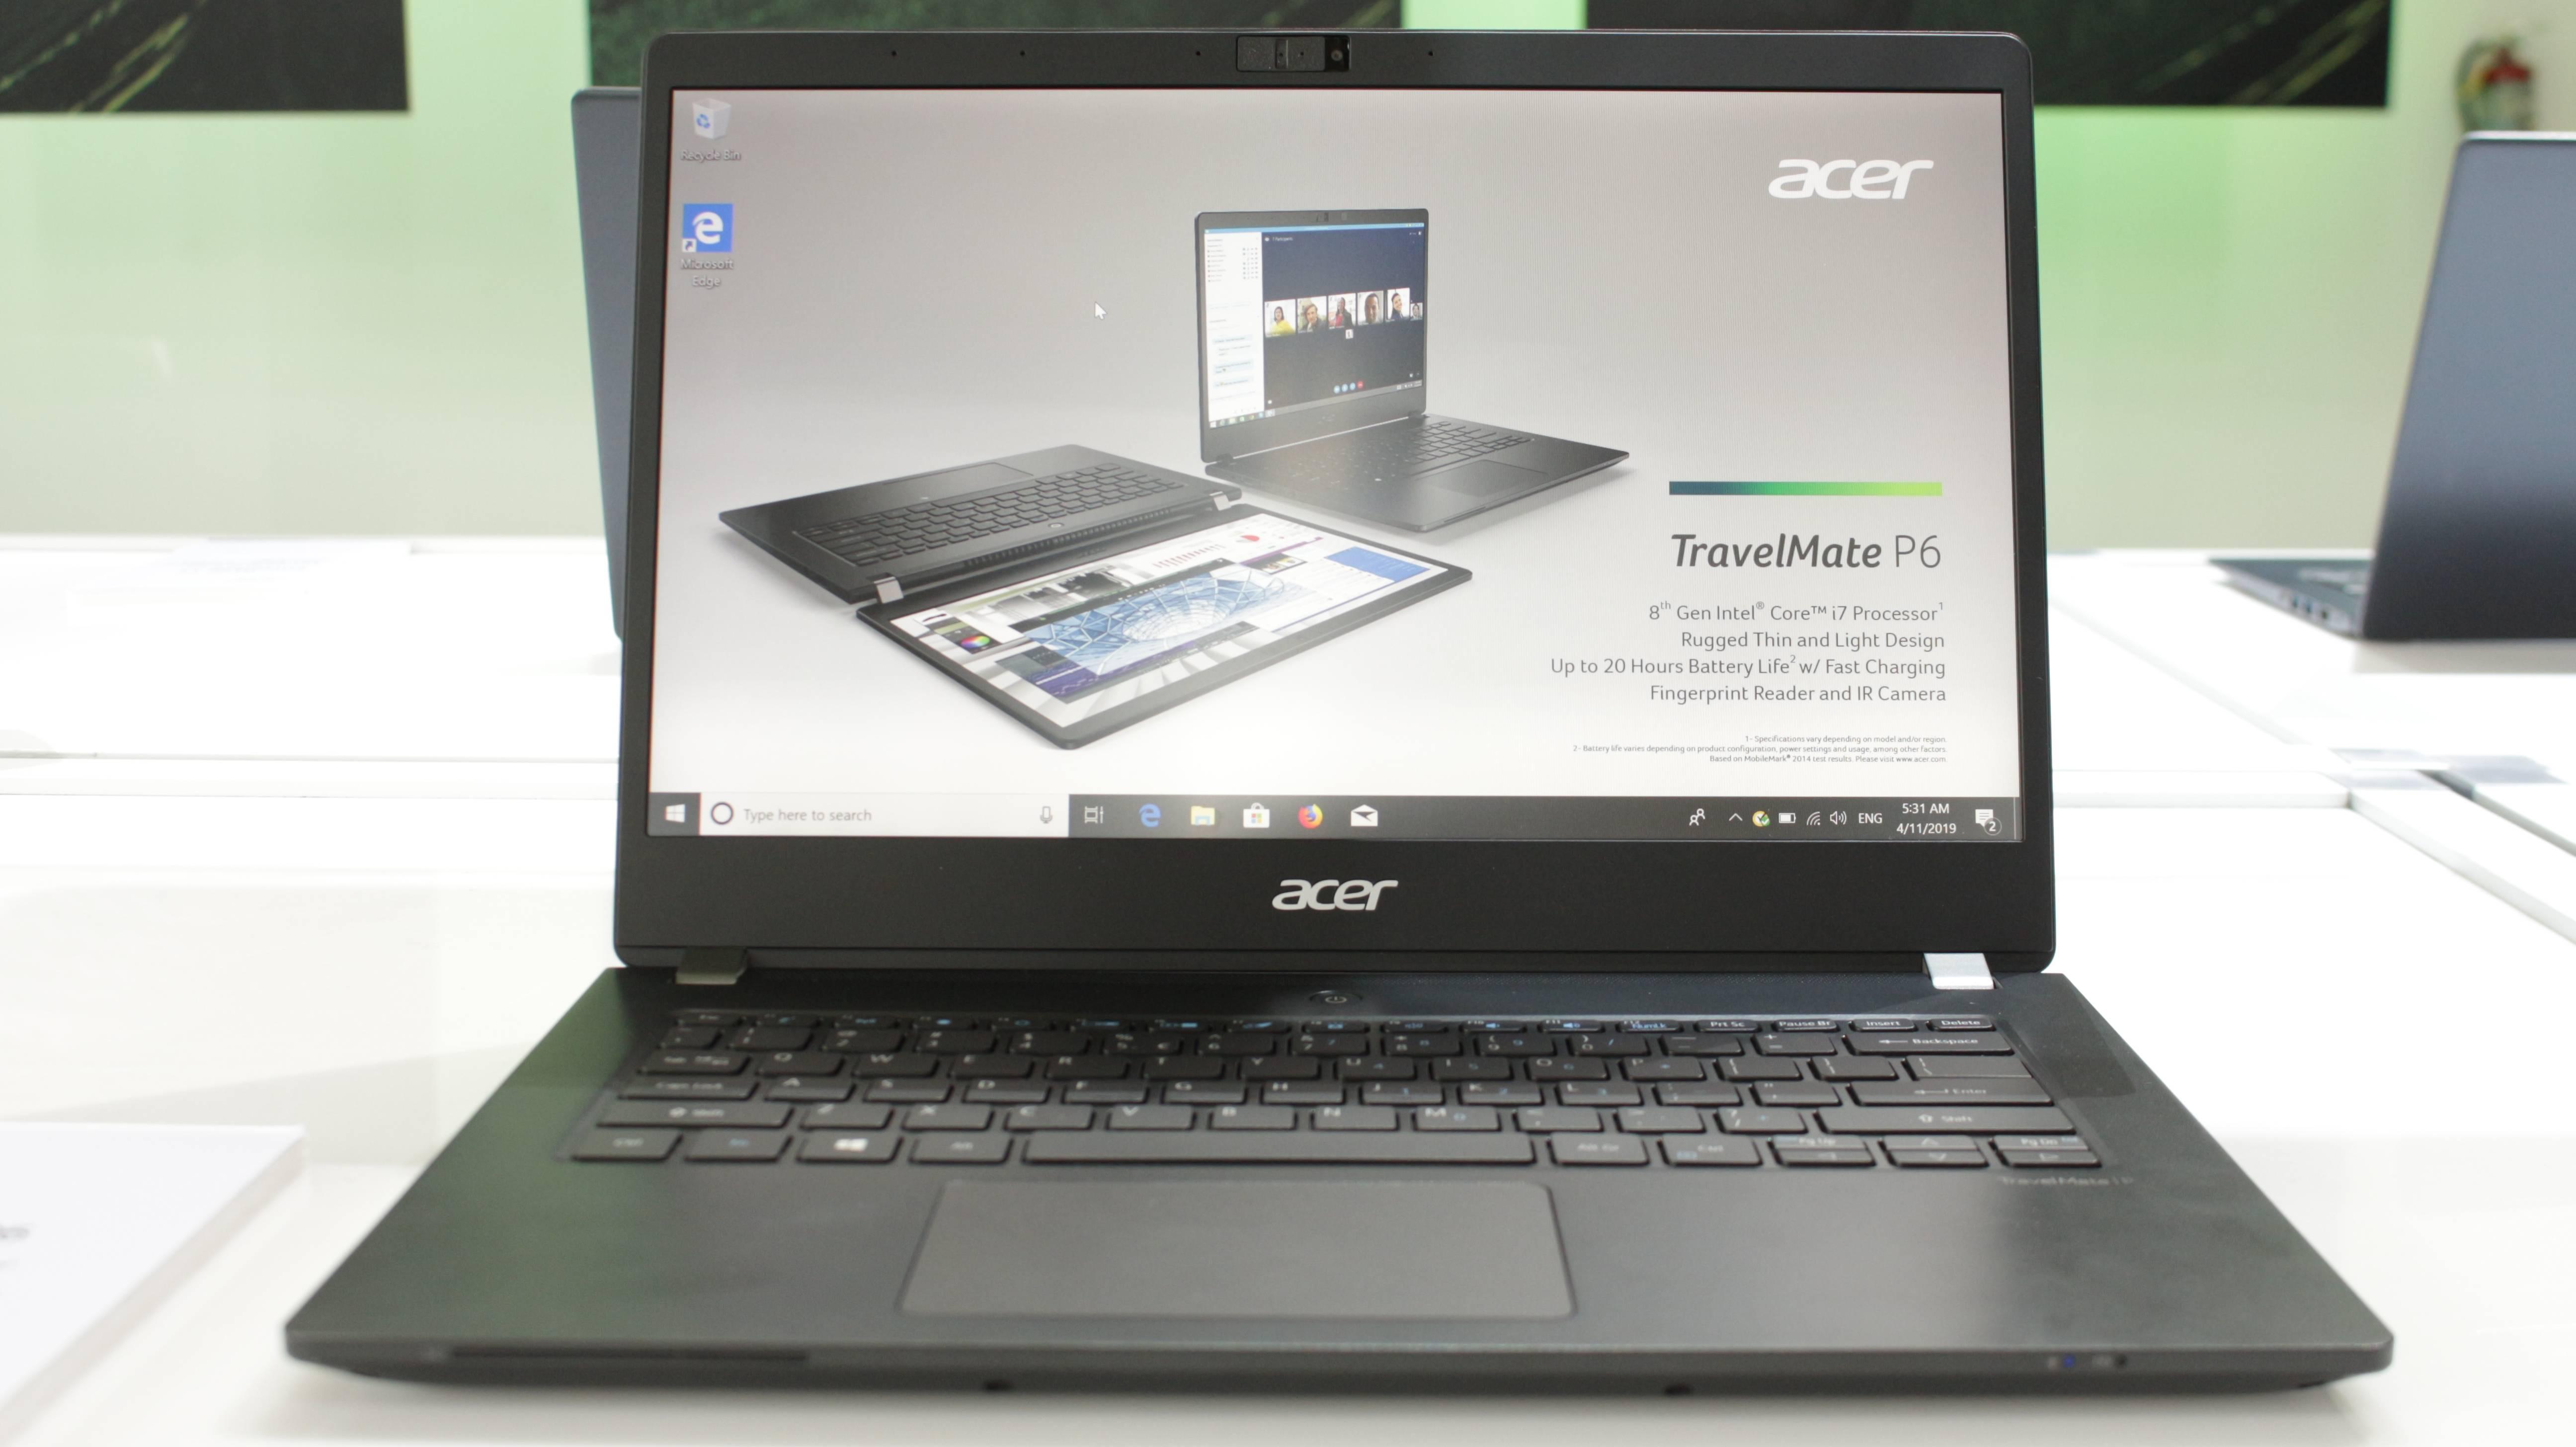 Acer nos presenta los nuevos Chromebooks 714 y 715, así como el TravelMate P6